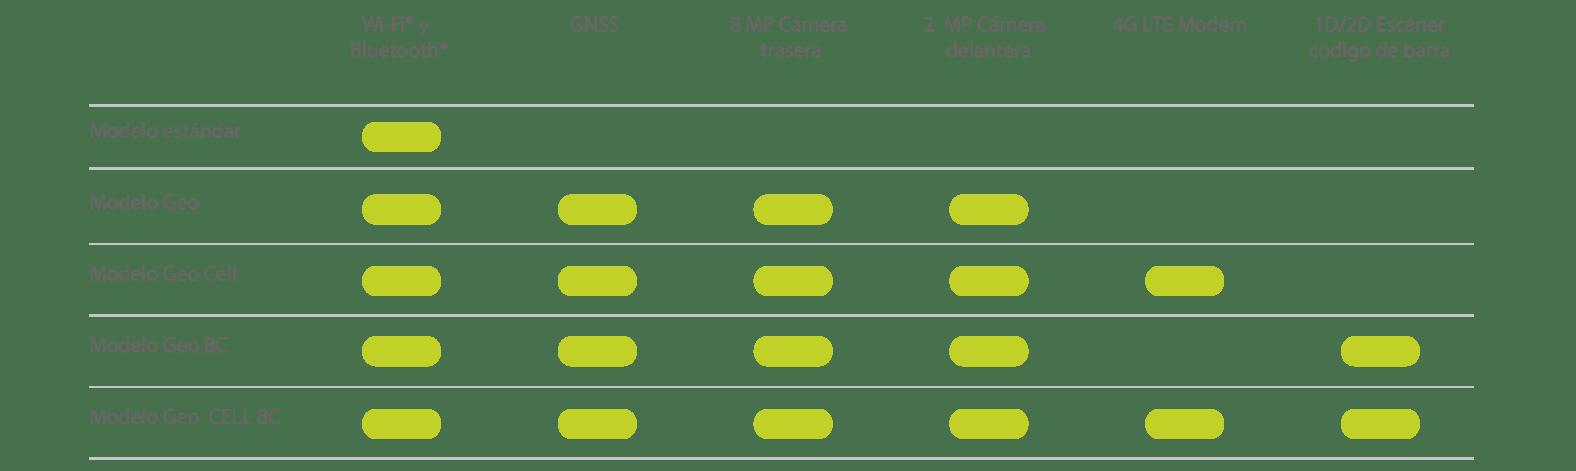 Configuraciones estándar de Mesa 2